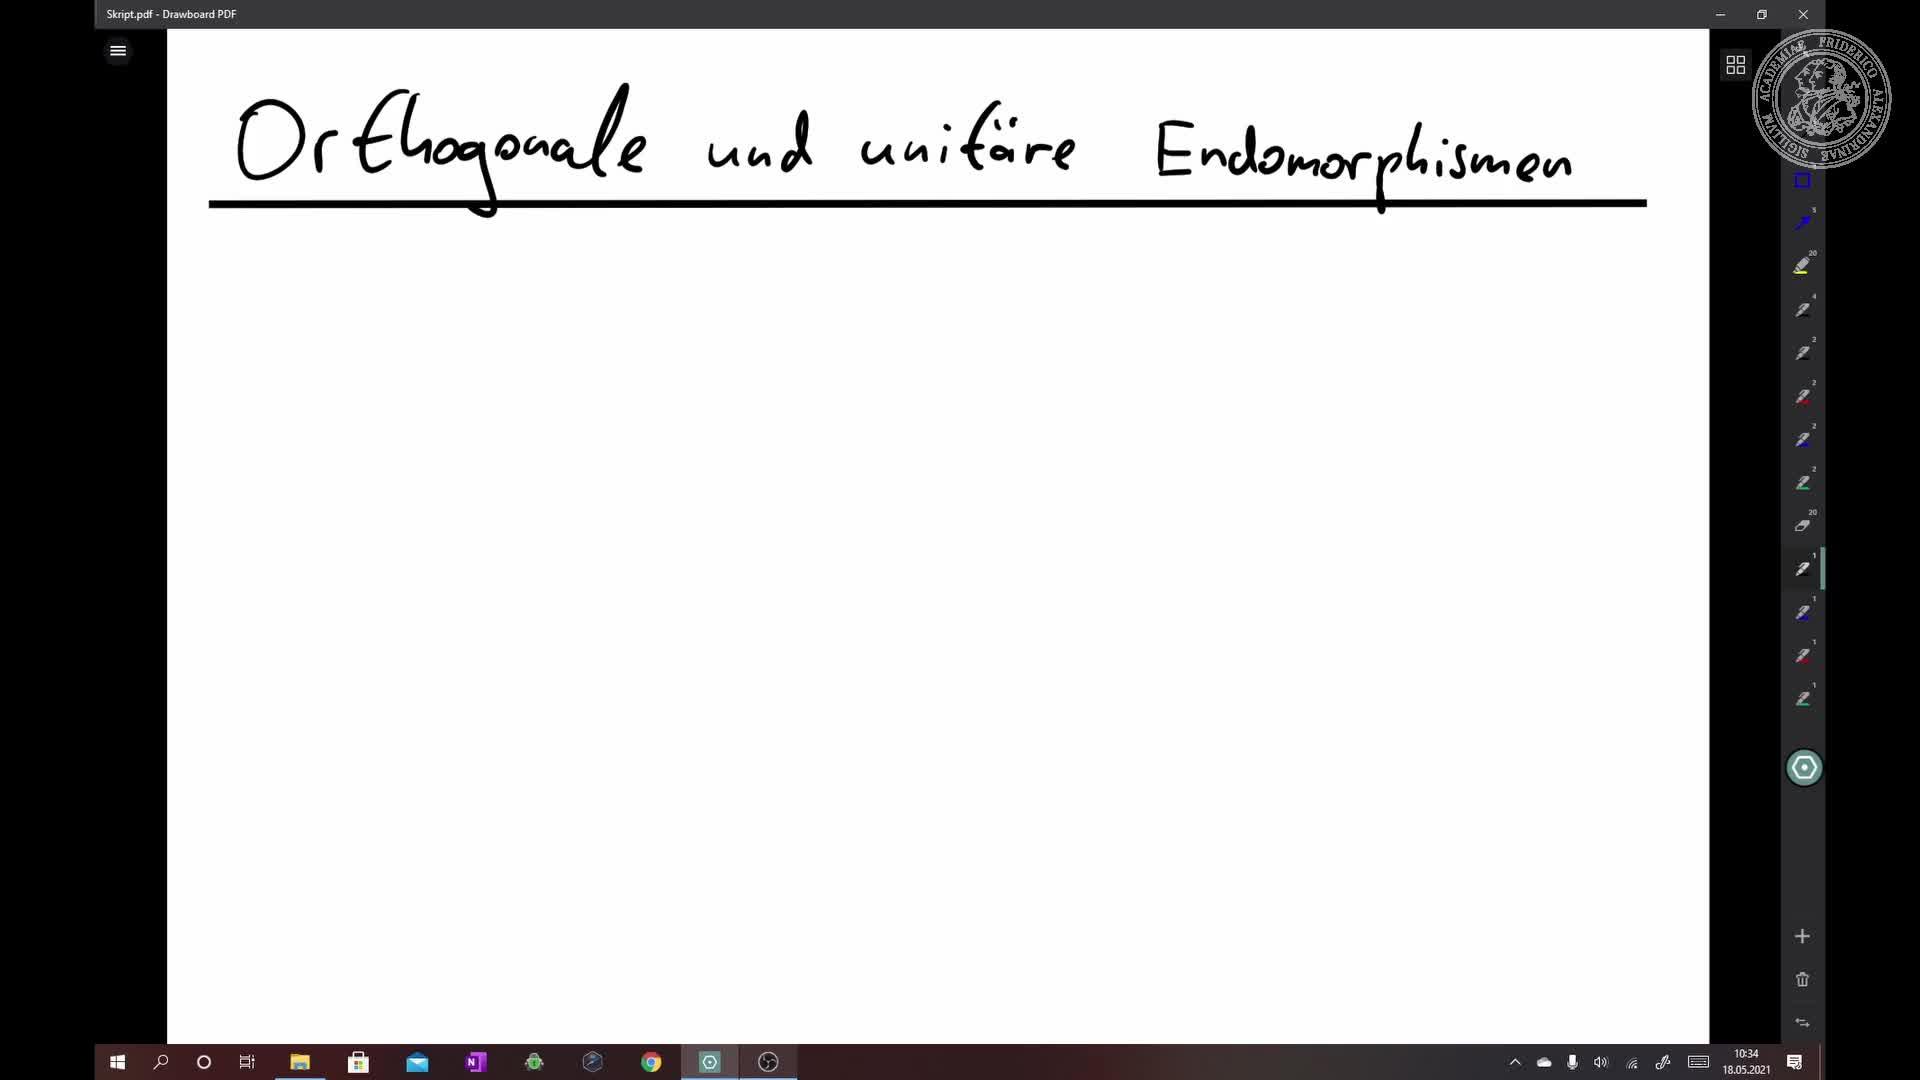 Eigenschaften von orthogonalen und unitären Endomorphismen preview image